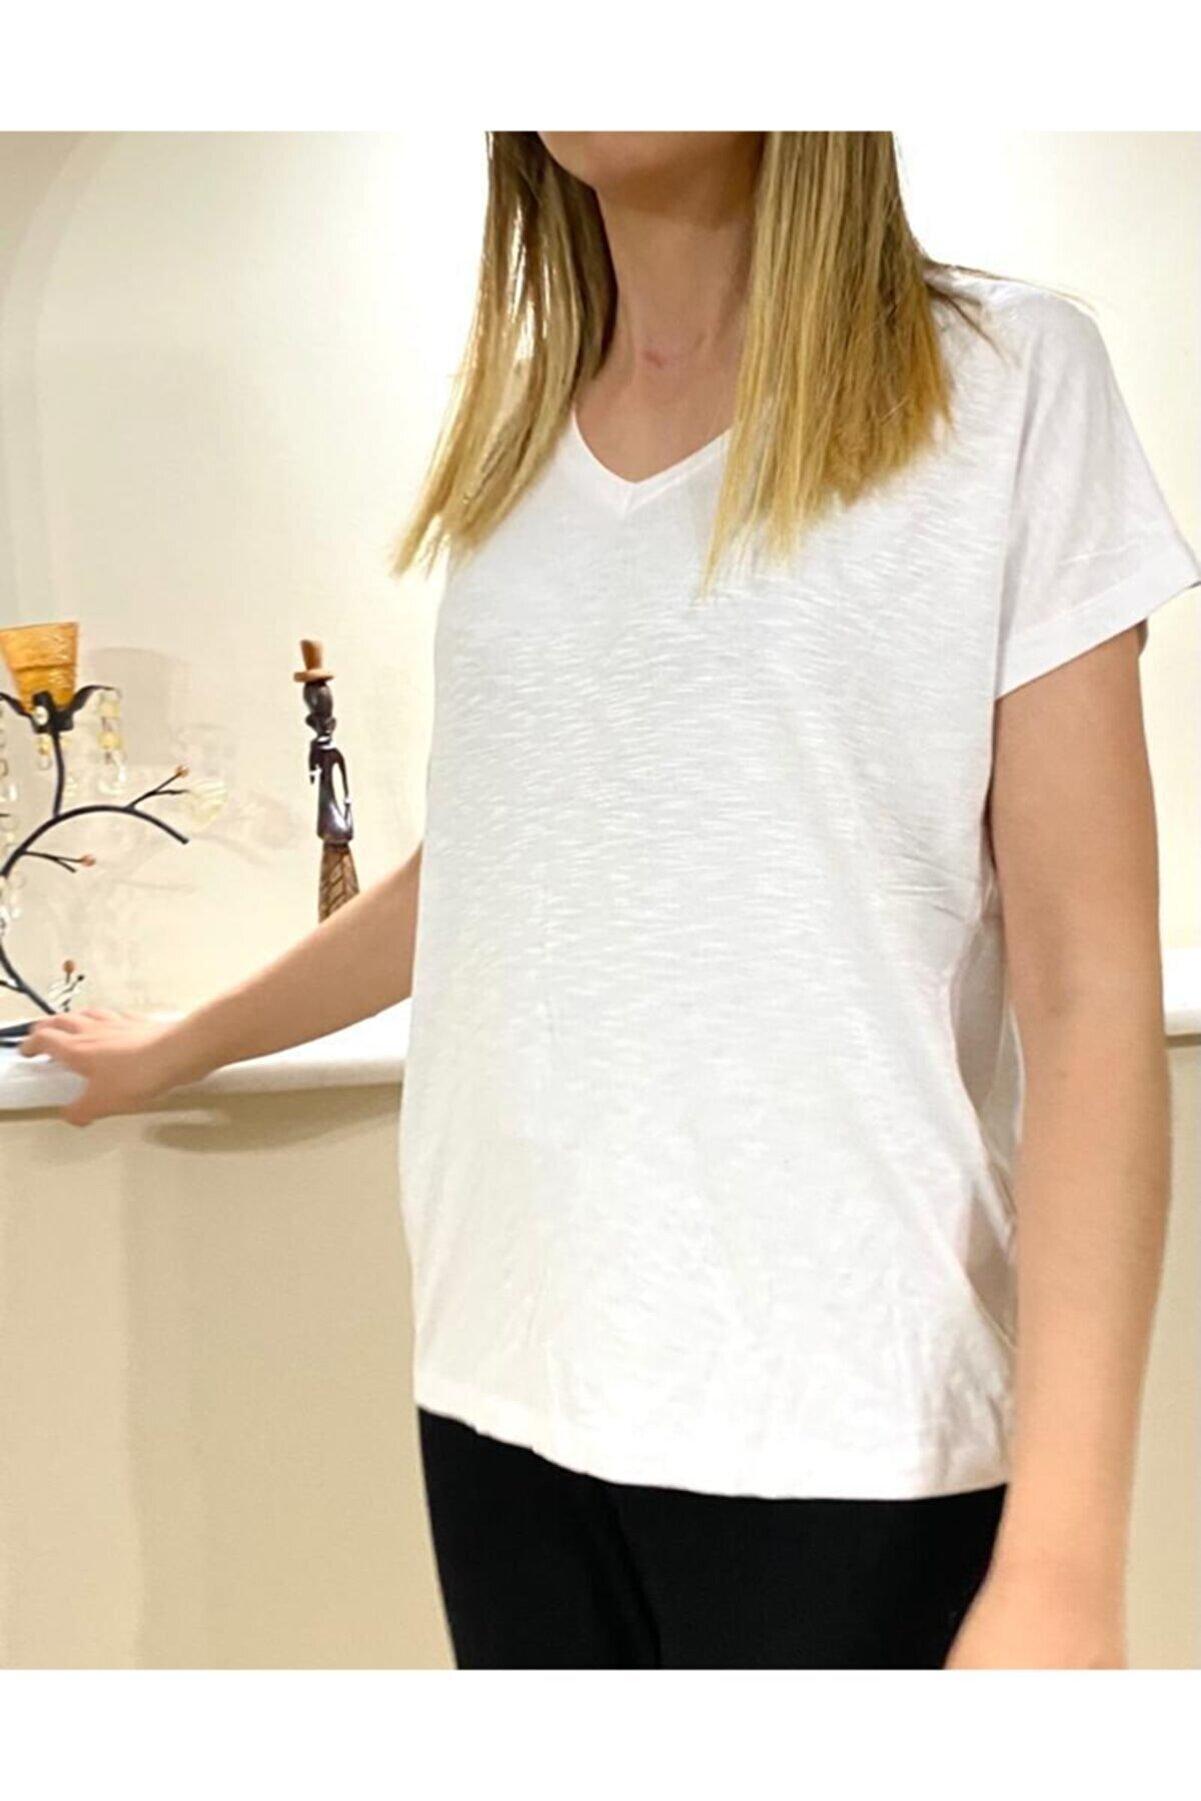 POLOMAX Kadın Viskoz Pamuk Penye V Yaka Yanları Yırtmaçlı Salaş Model 1281